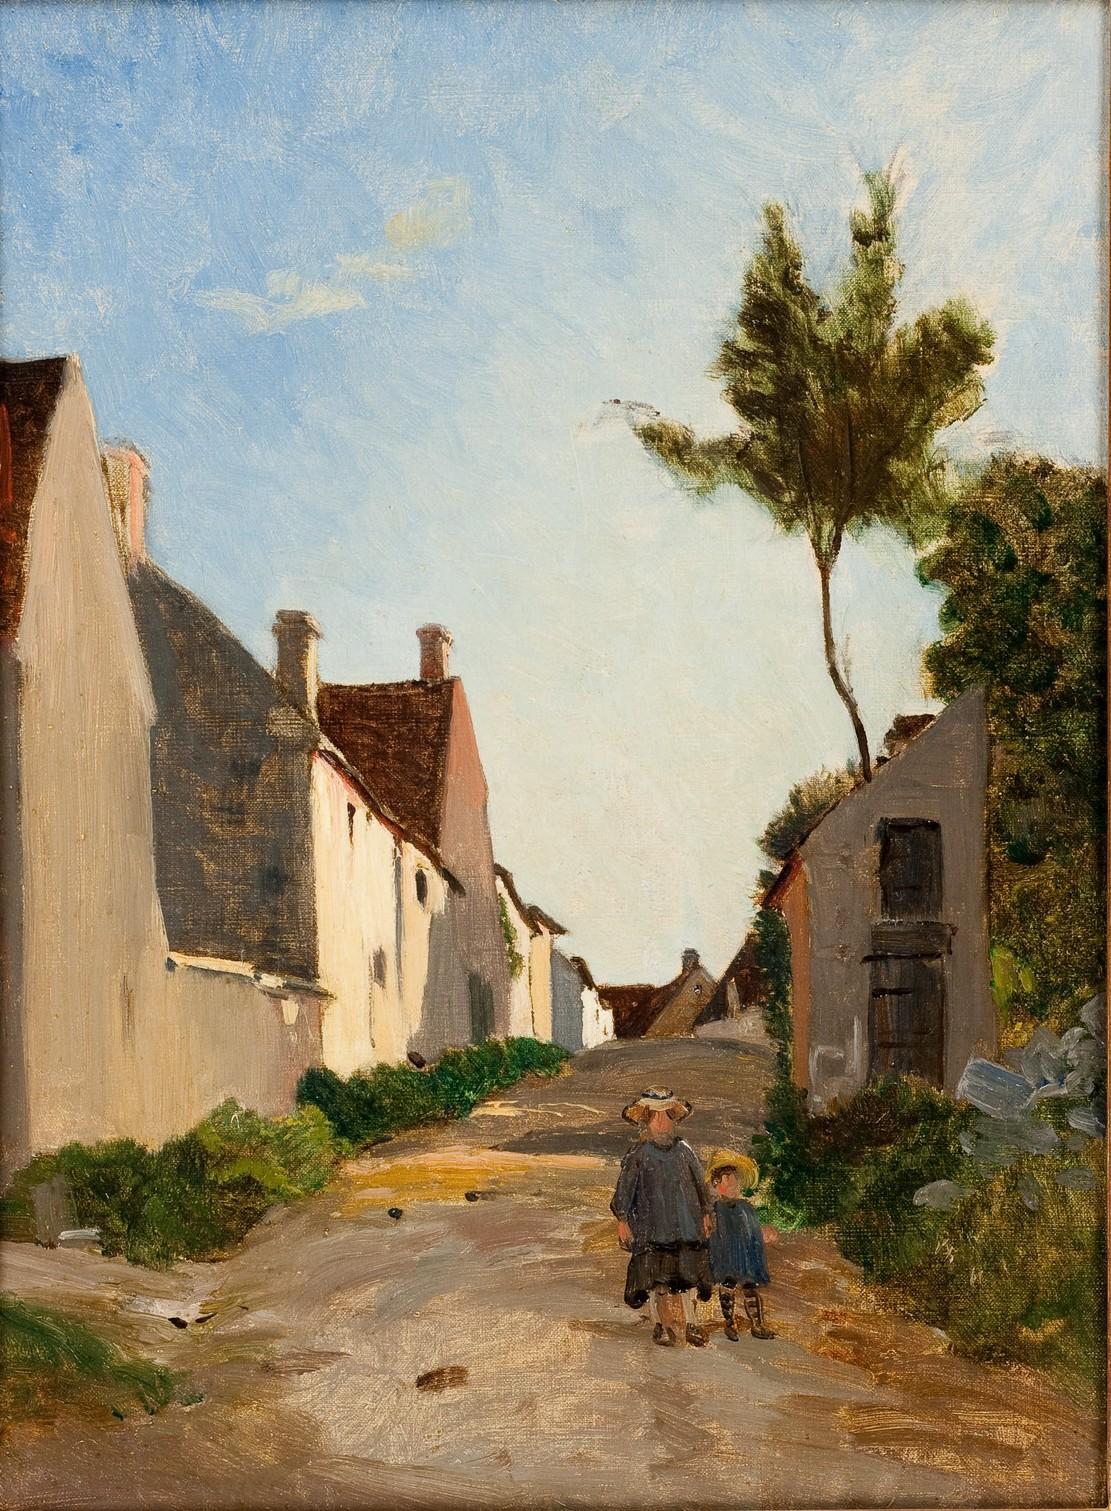 rue-de-village